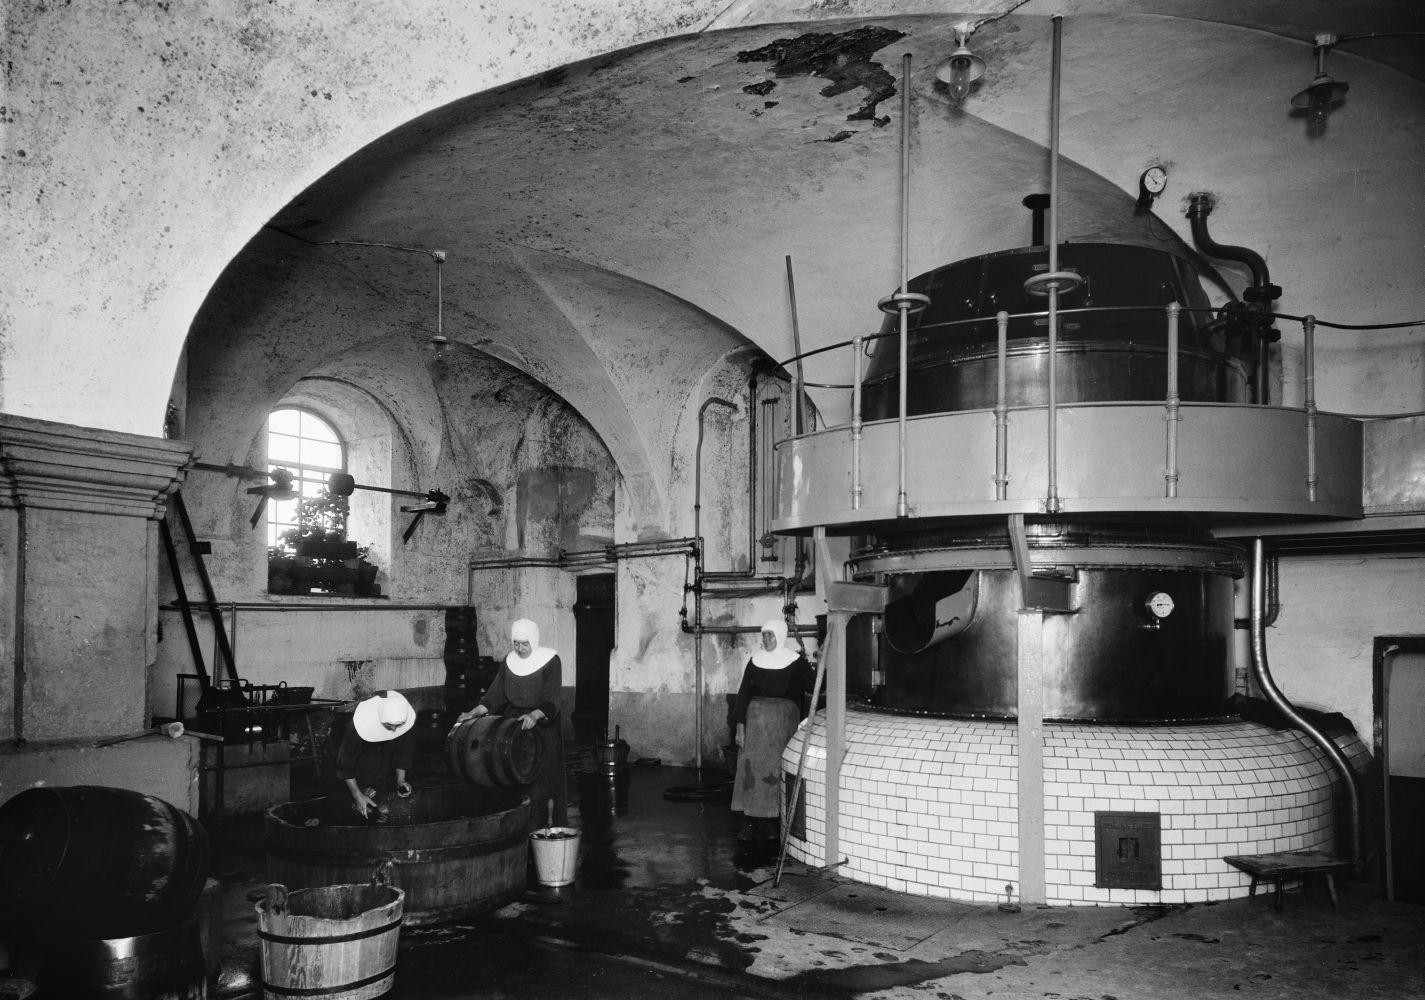 Willy Römer: Blick in die Brauerei des Klosters Ursberg (1930) © bpk / Kunstbibliothek, Staatliche Museen zu Berlin, Photothek Willy Römer / Willy Römer